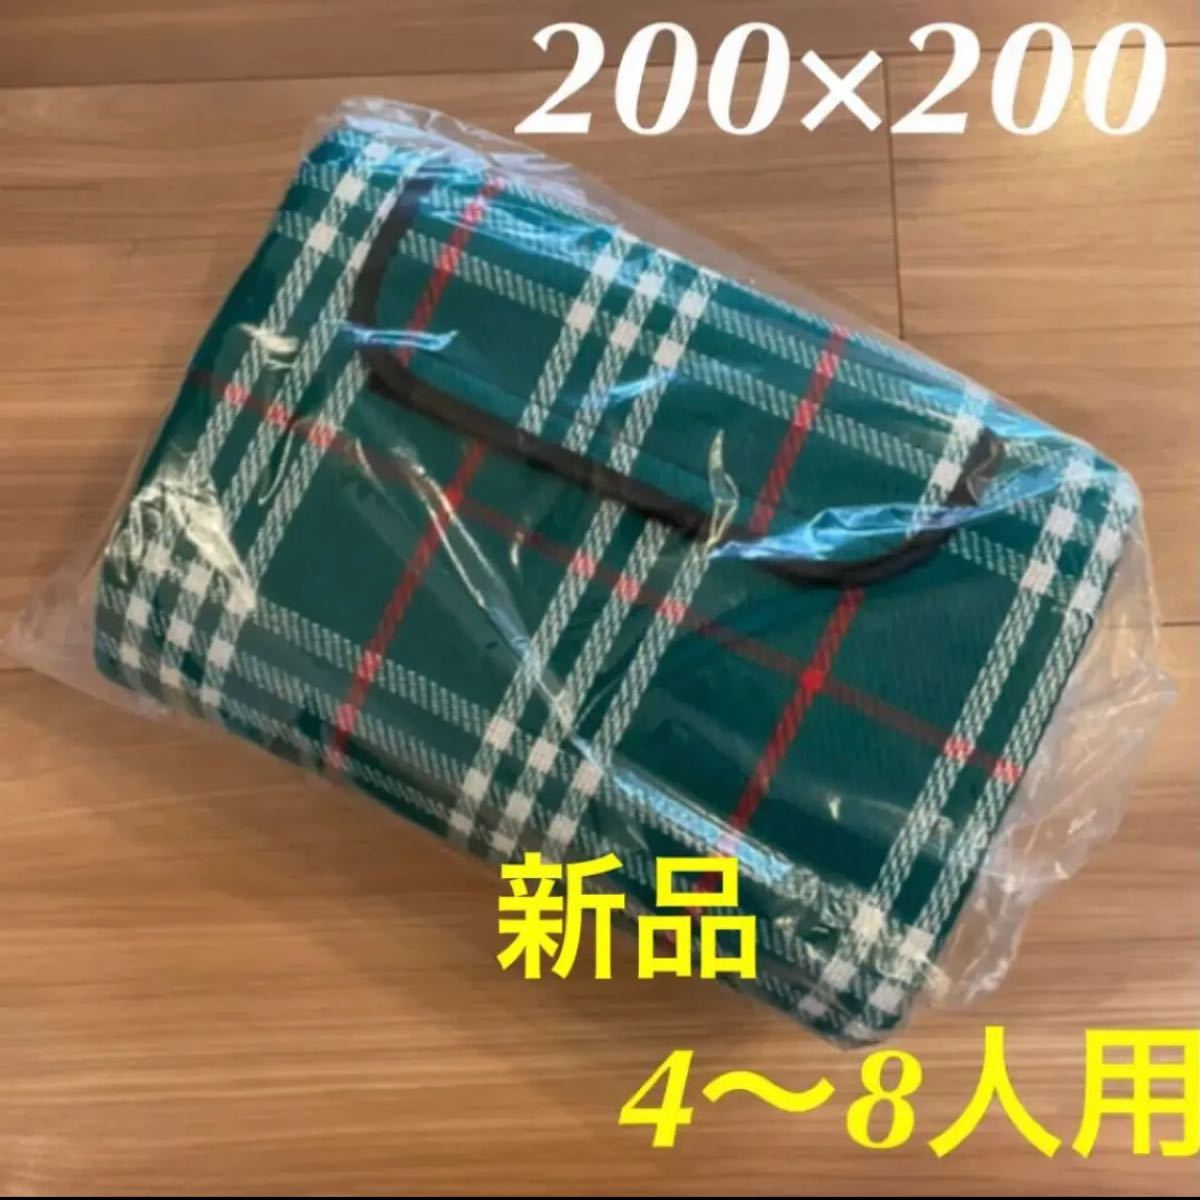 レジャーシート 厚手 ピクニックシート 200x200 大判  防水